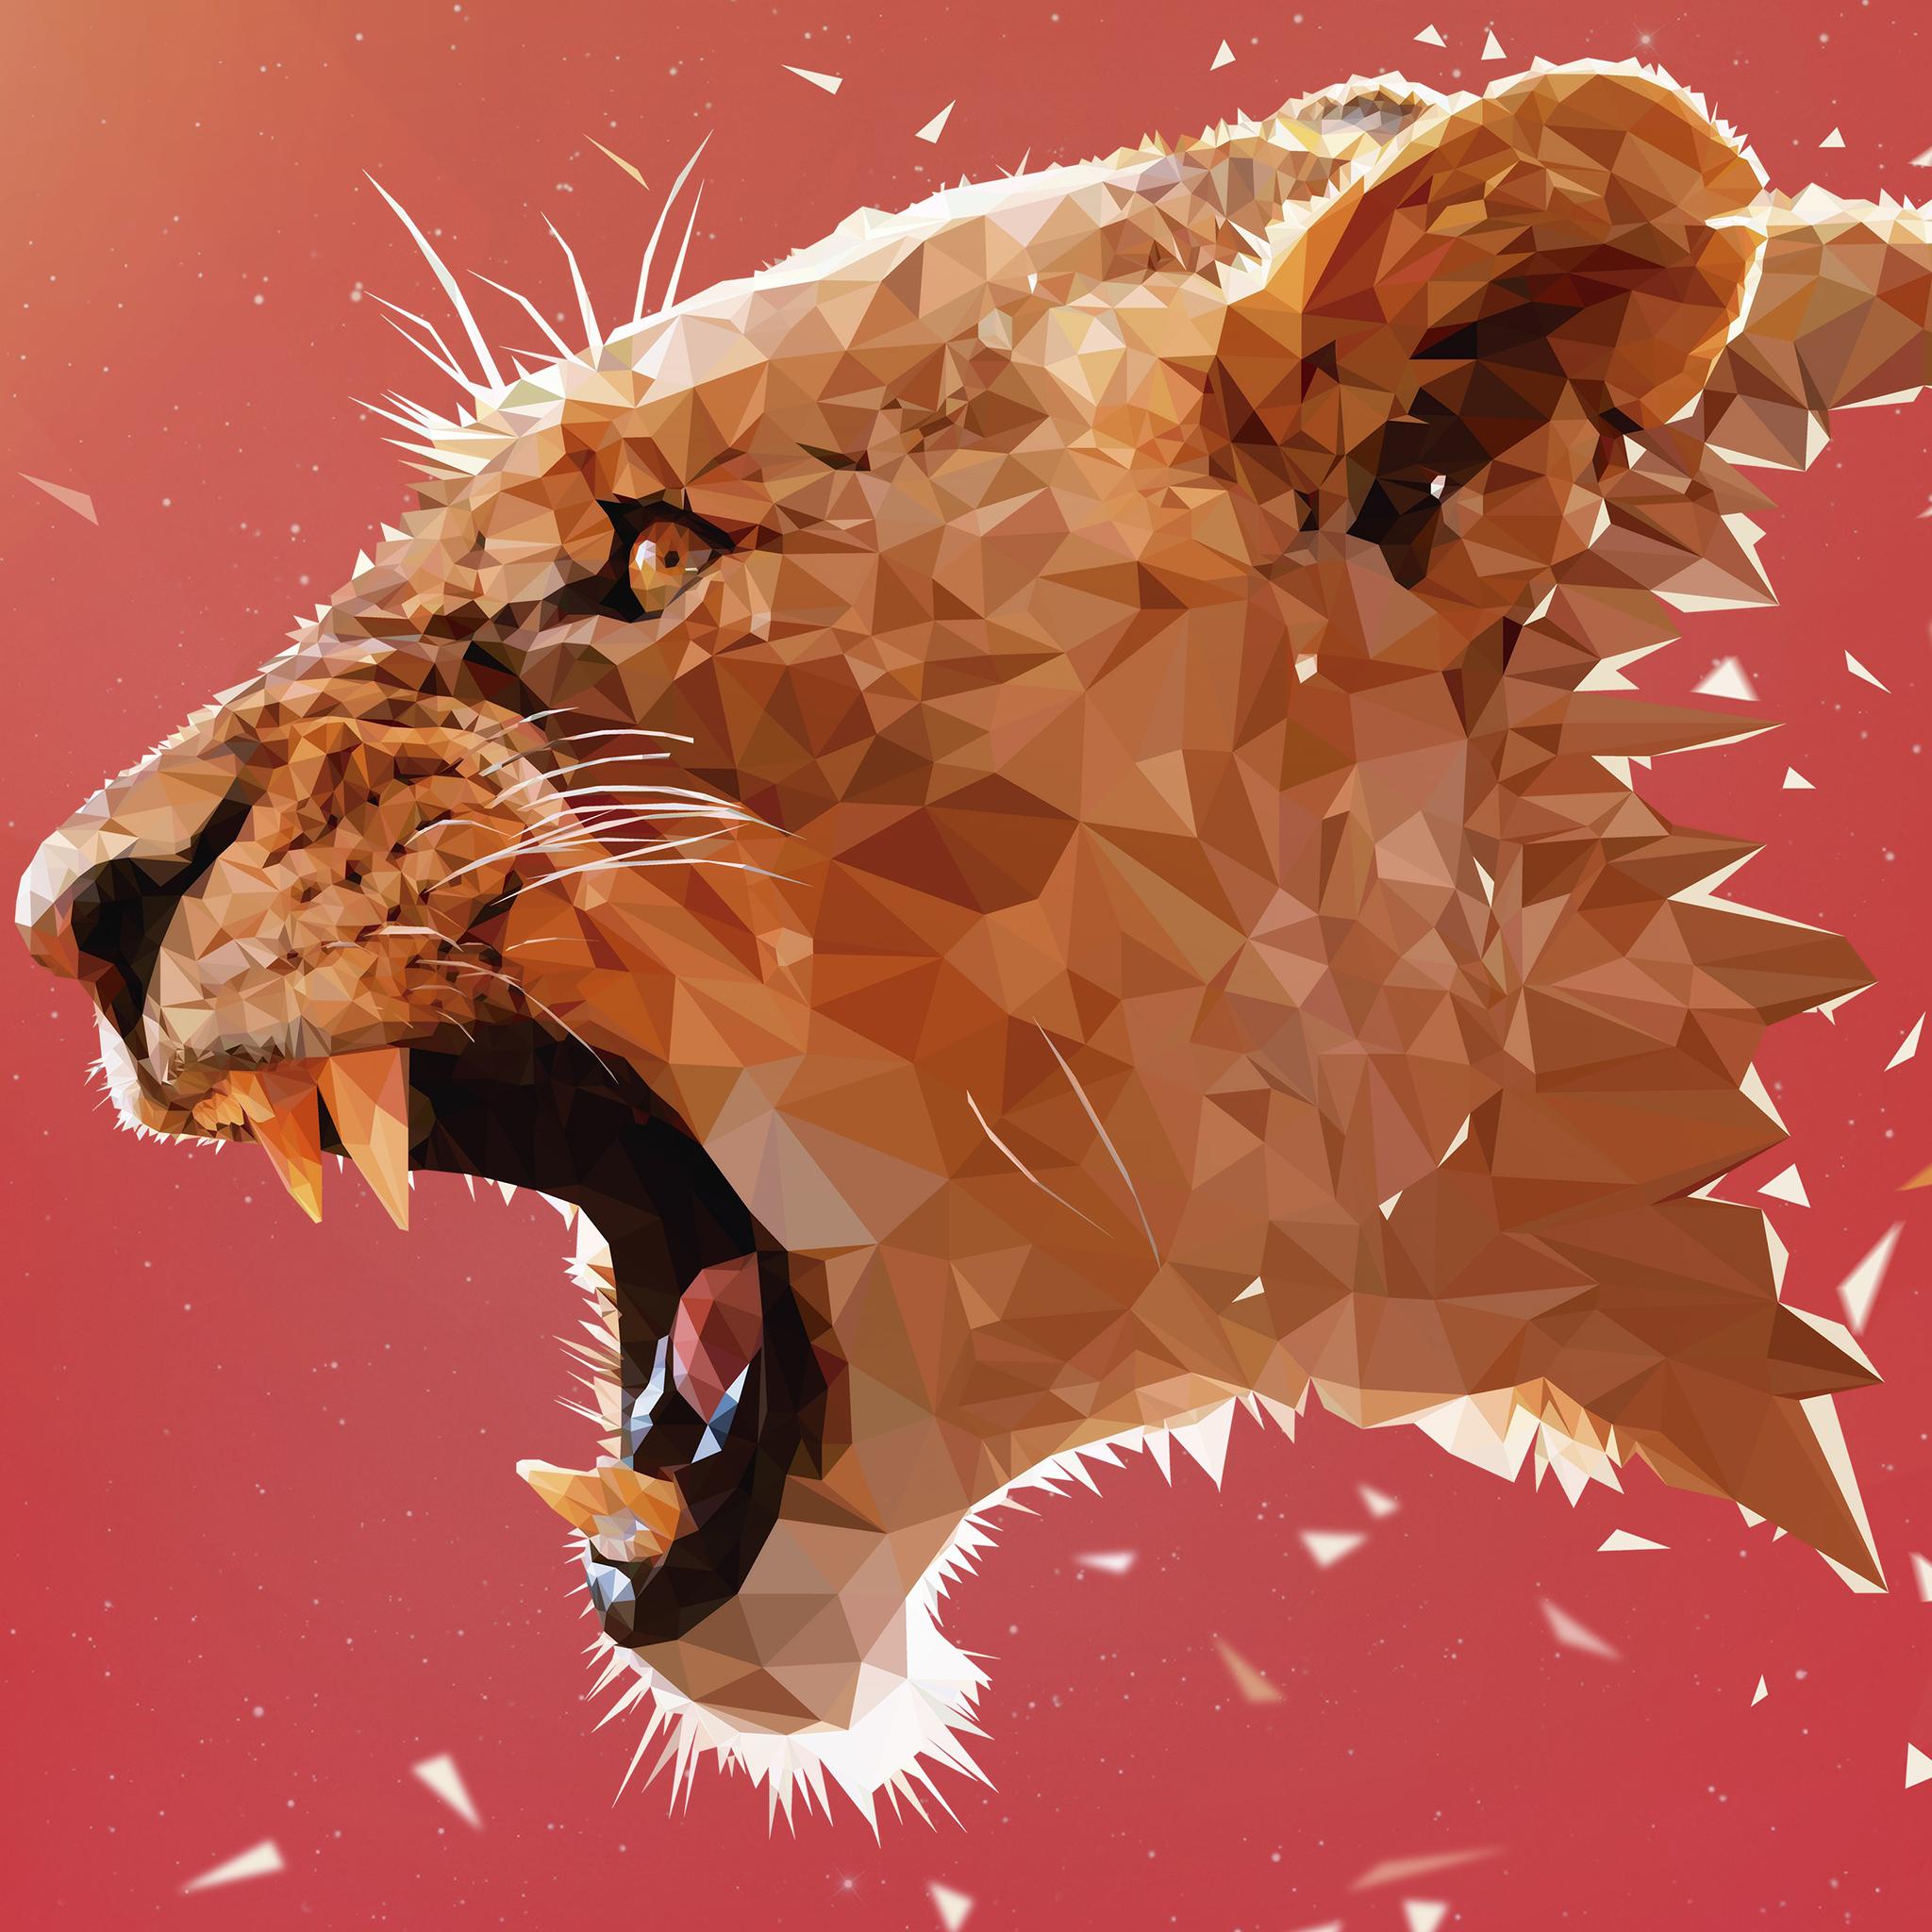 电脑上wap网:豹 动物 几何 设计 凶猛 猛兽 尖牙 苹果手机高清壁纸